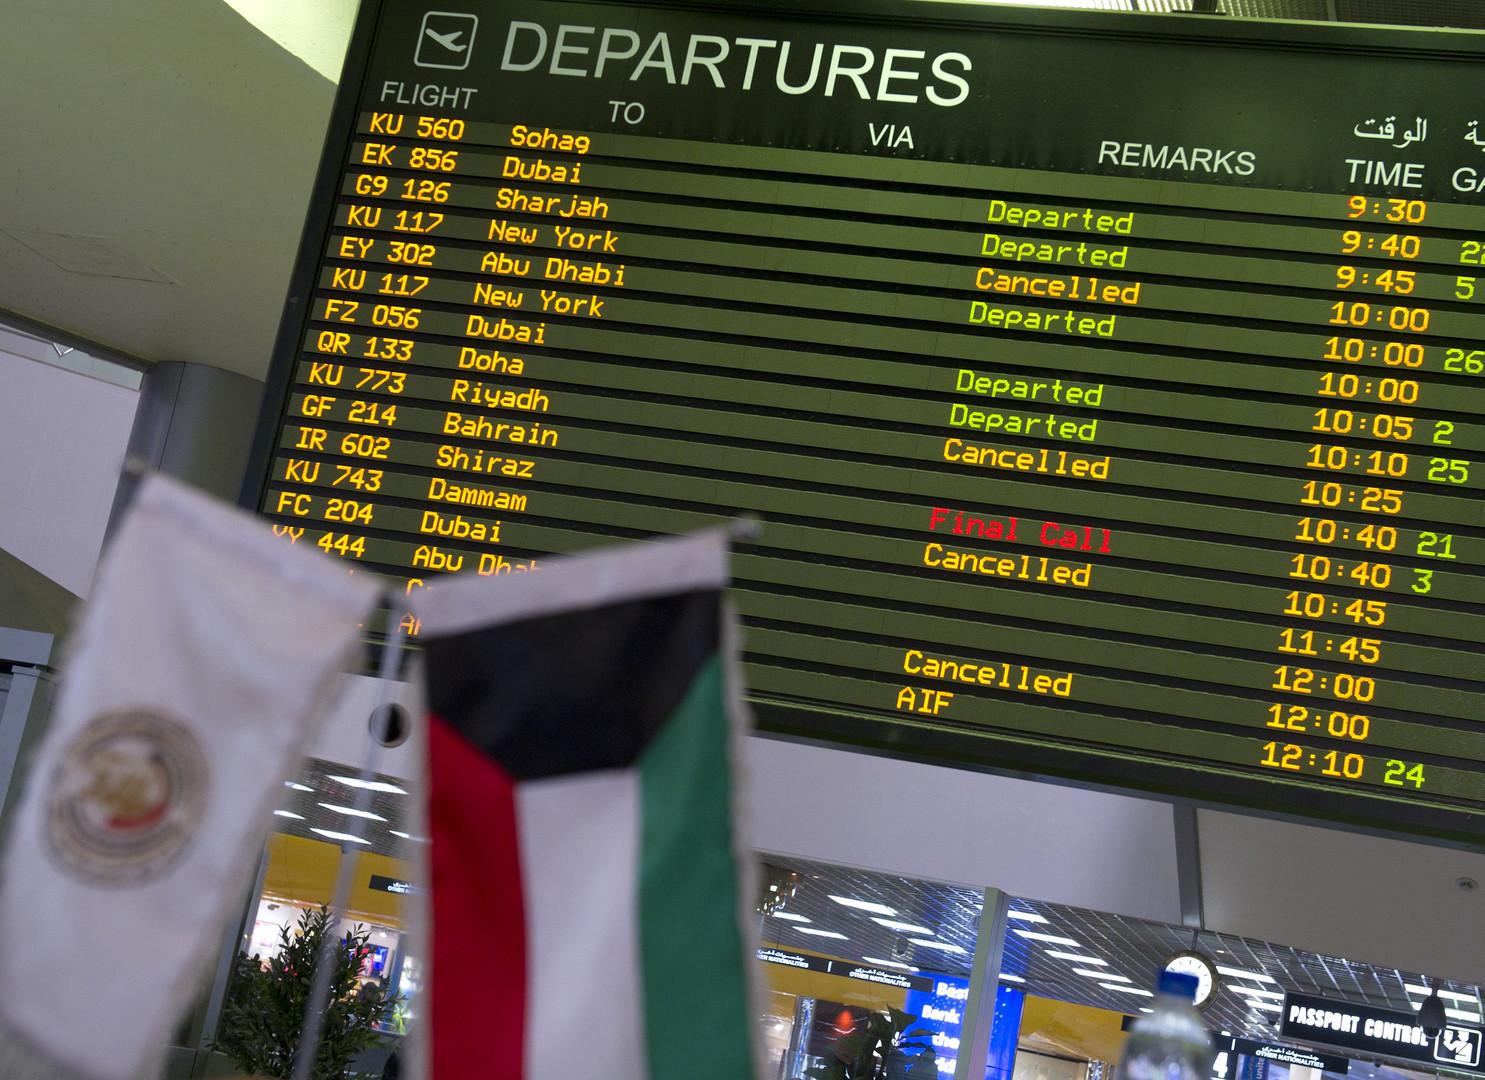 مطار الكويت الدولي- أرشيف